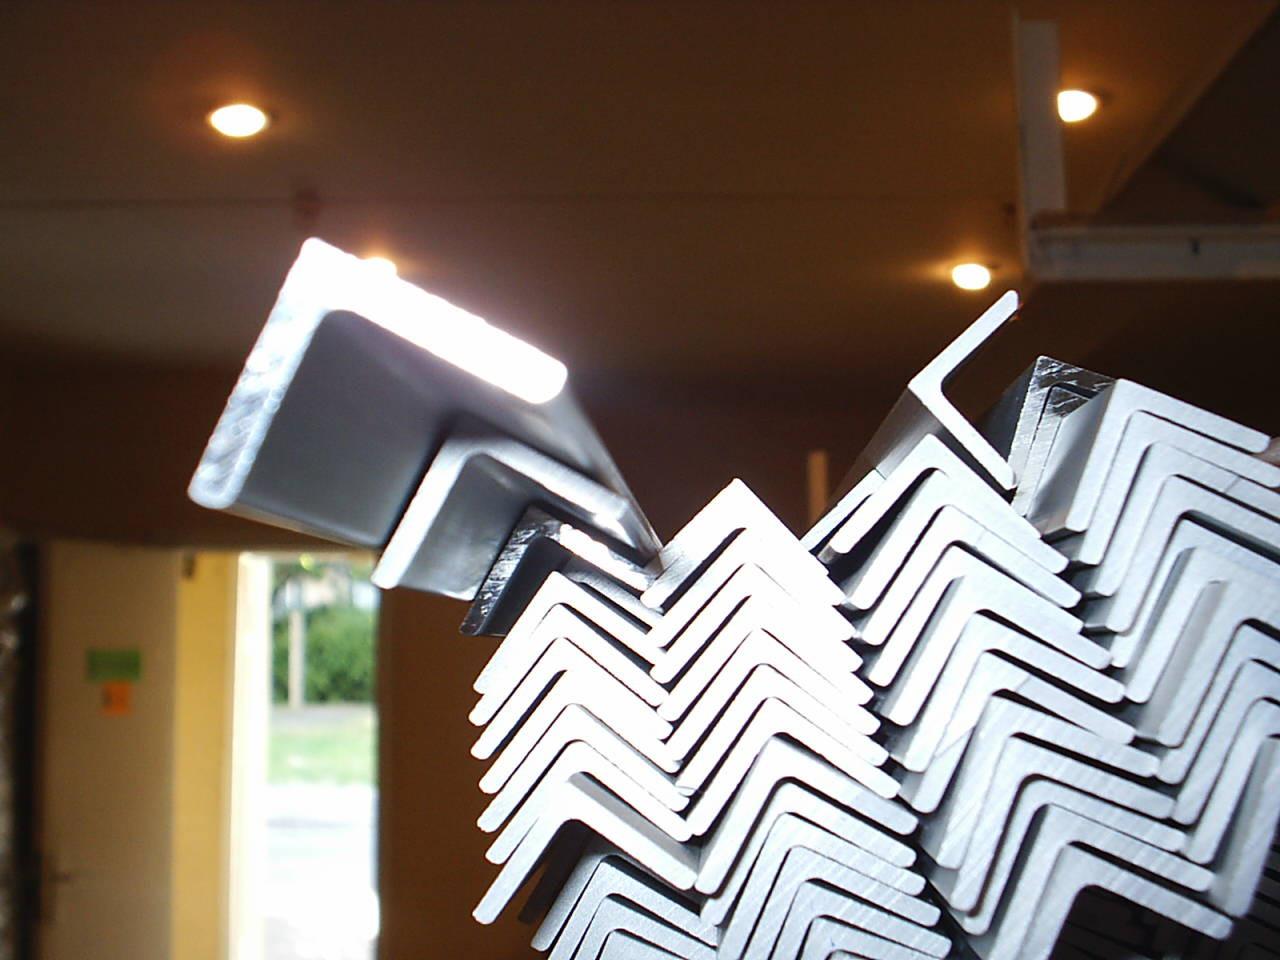 Алюмінієвий куточок рівносторонній 50x50x4, 20x20x2, 20x20x1,5, 80x80x7,5, 60x60x5, 60x60x3, 60x60x2, 50x50x5